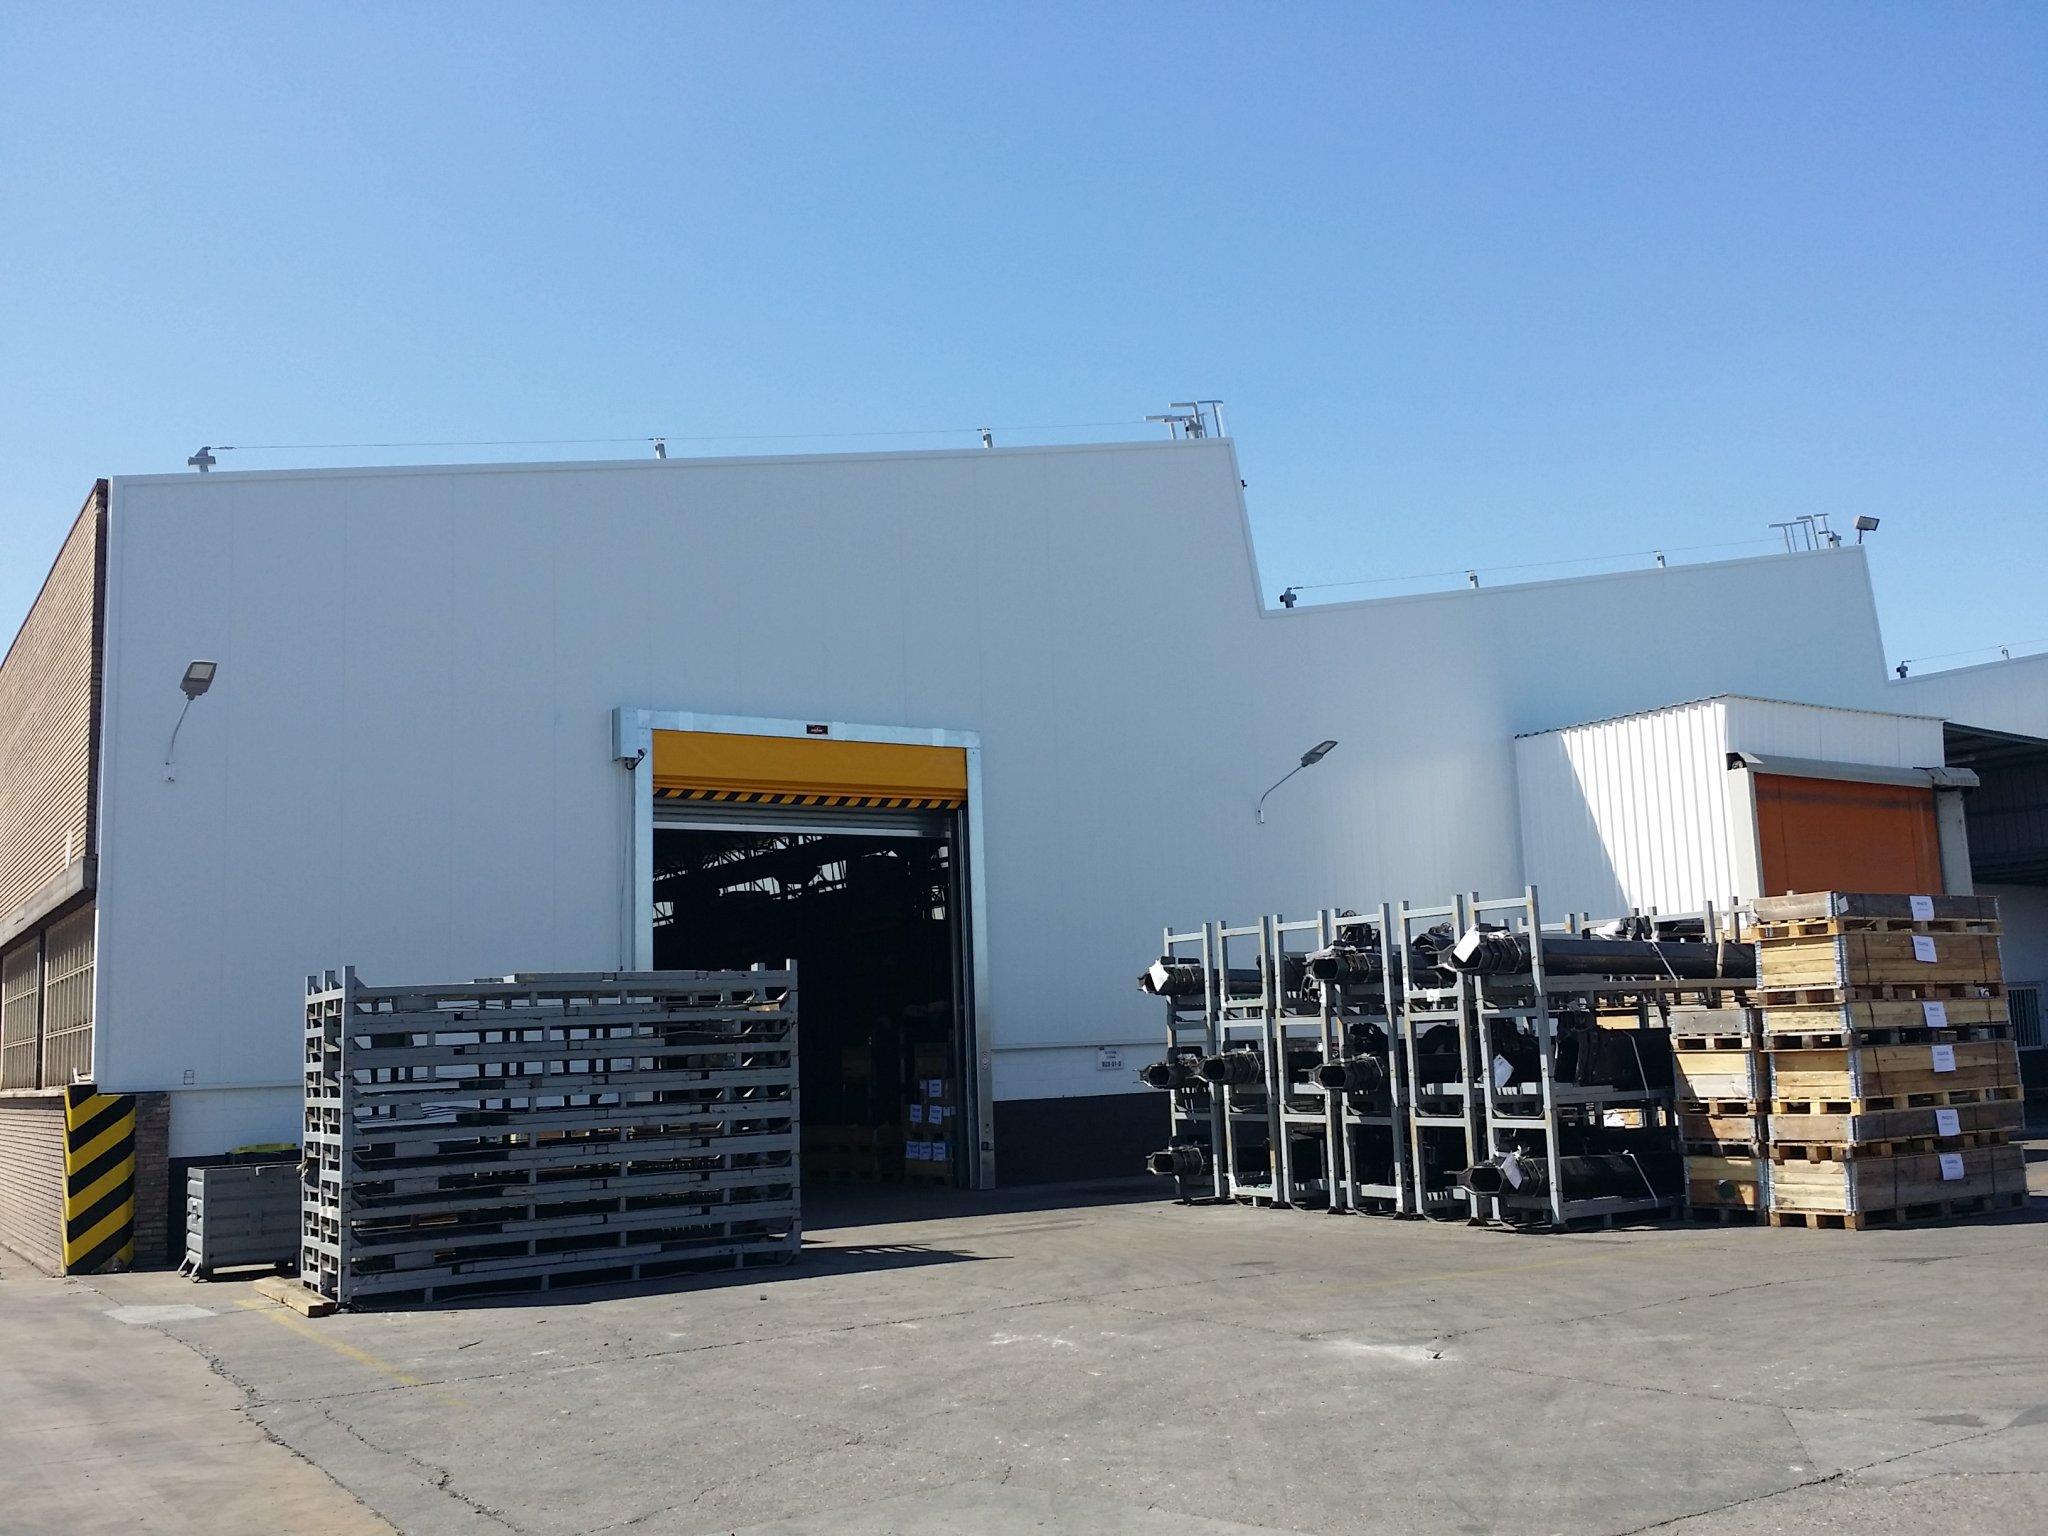 Rehabilitación fachada en nave industrial de Hiab Cranes en Zaragoza